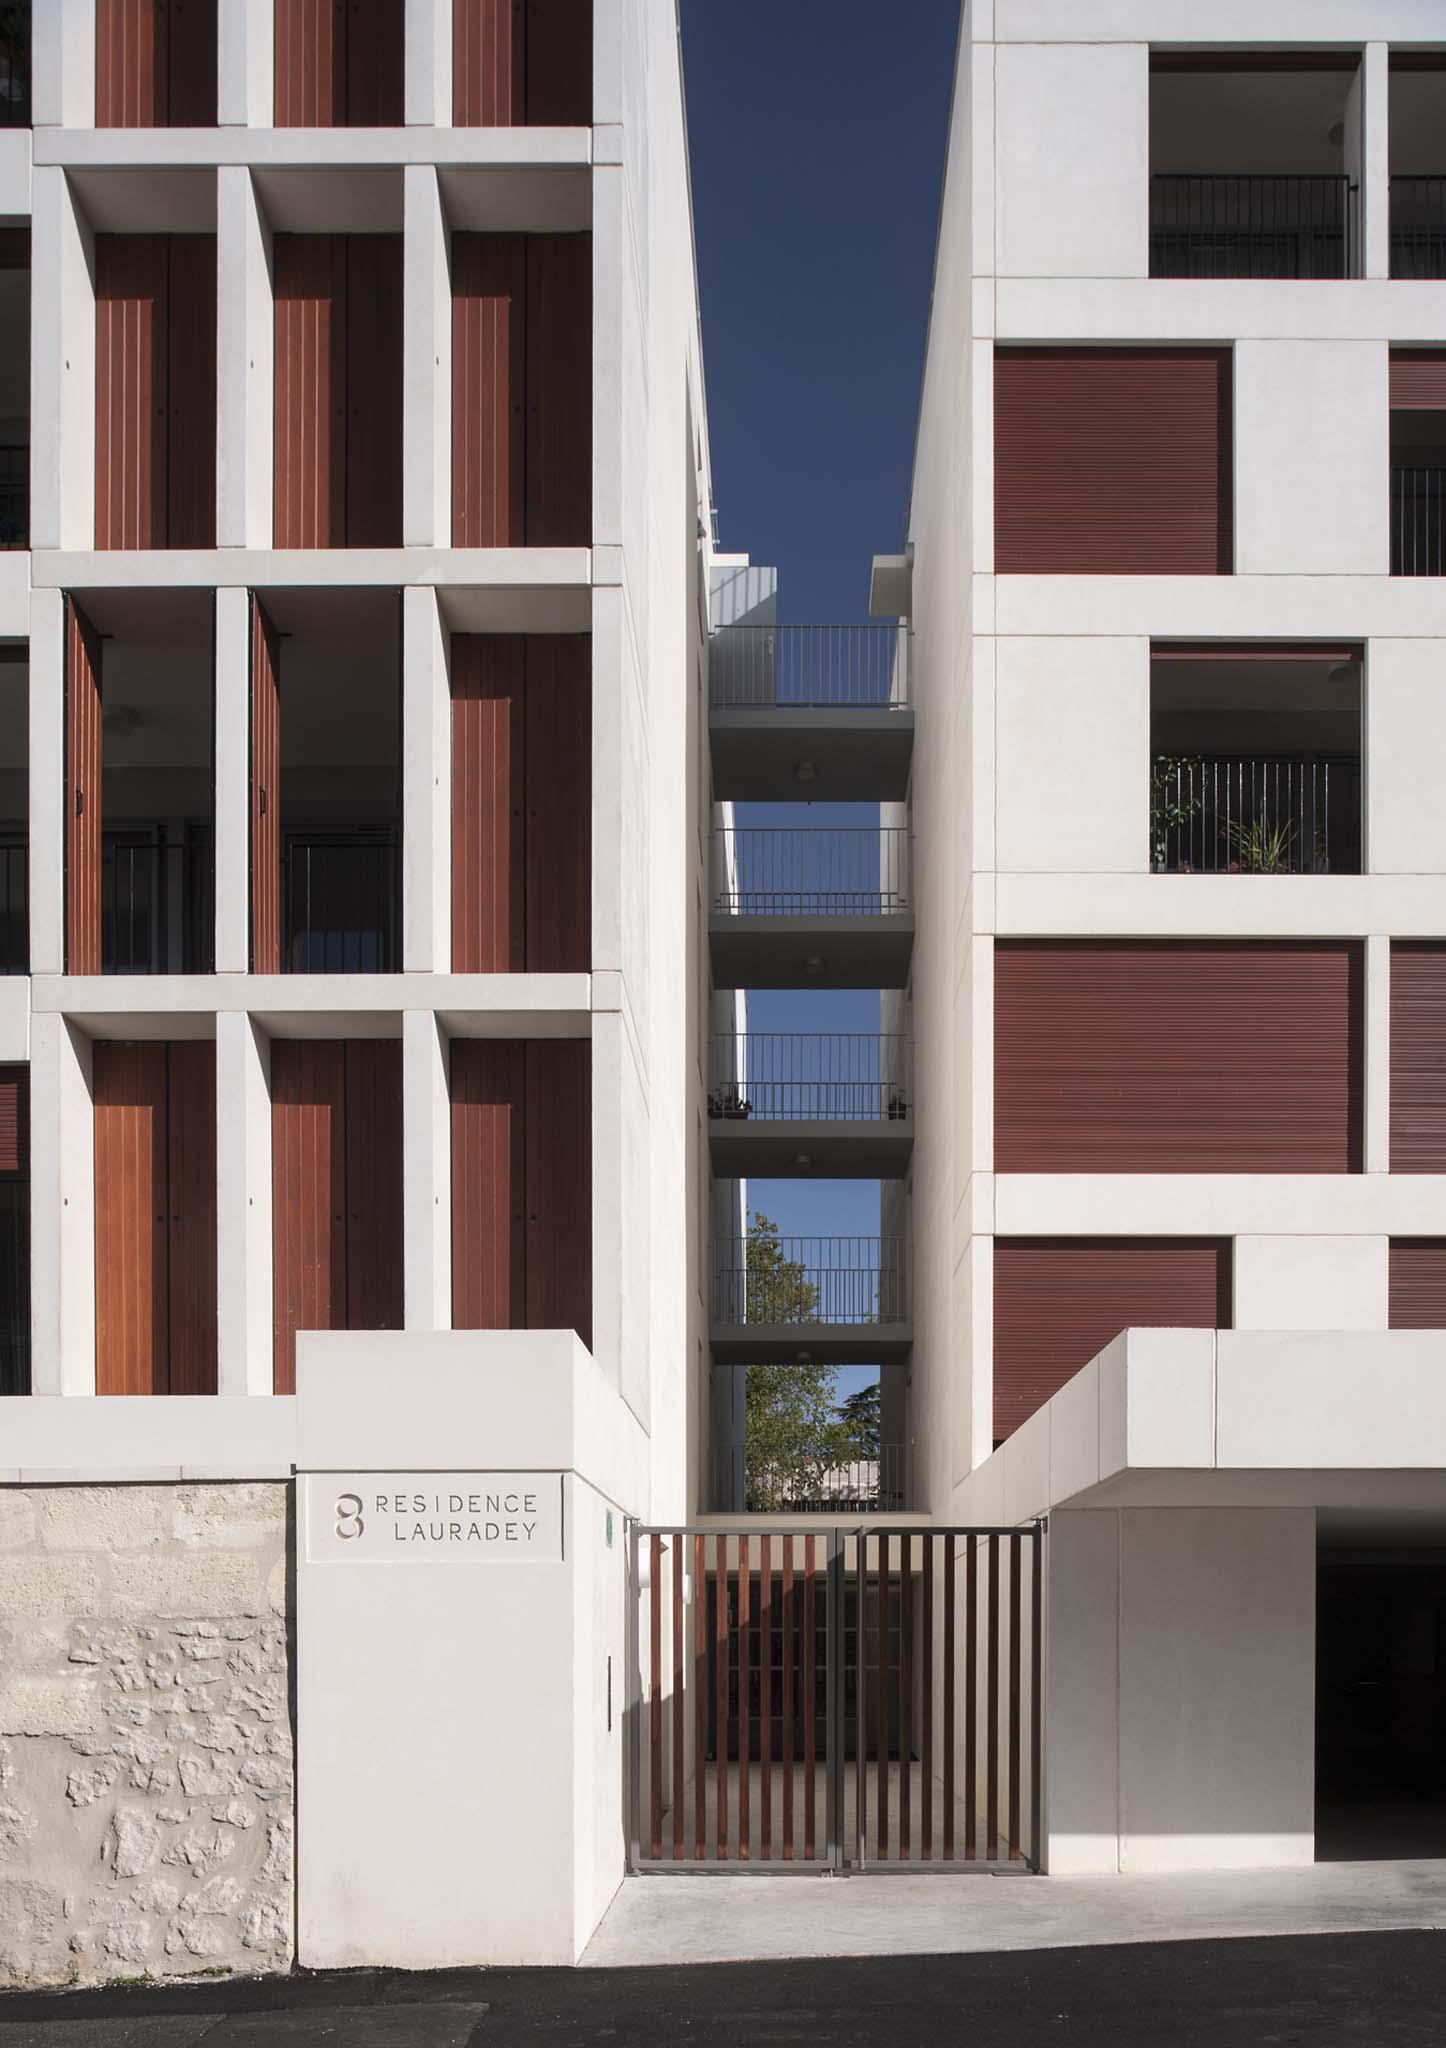 56 logements collectifs leibar seigneurin architectes for Bordeaux logement